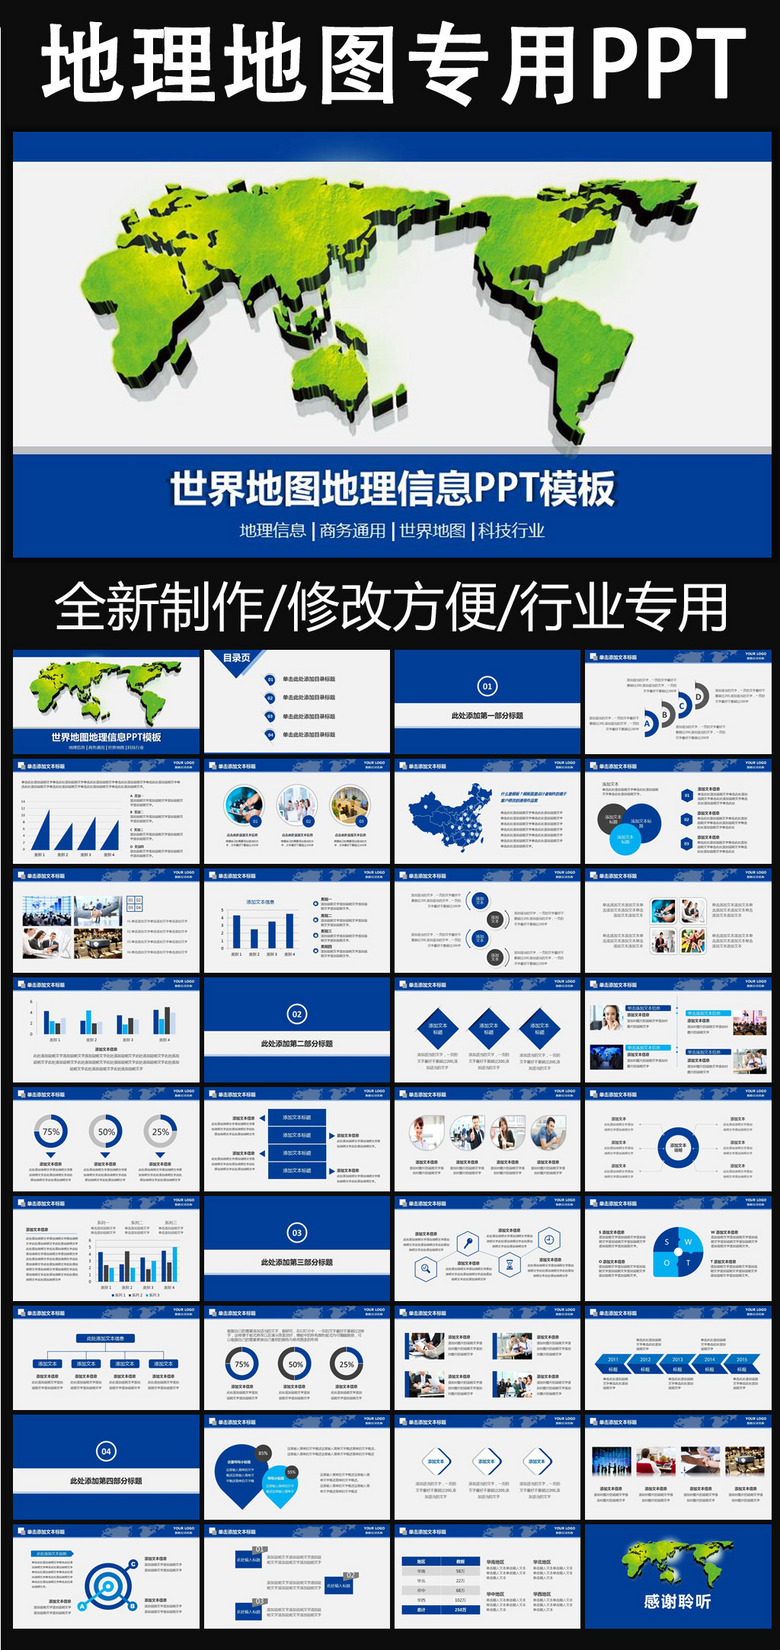 中国地图地理工作总结世界地图PPT模板下载 13.66MB 其他大全 其他